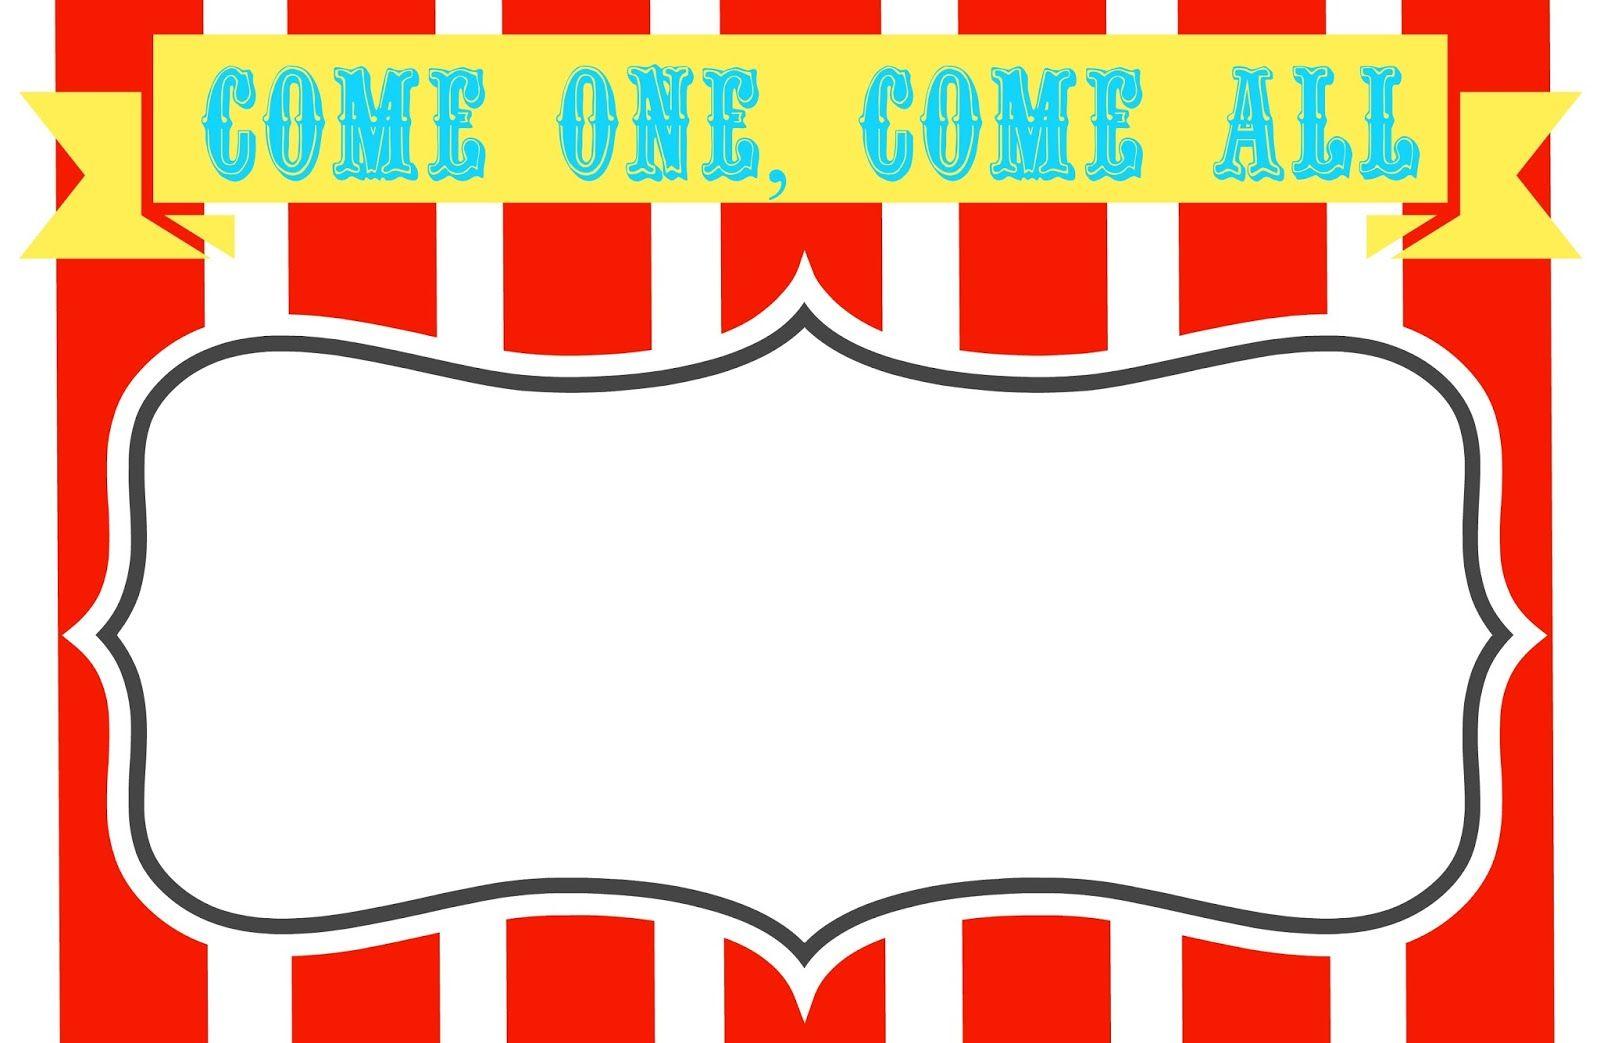 Printable circus templates 14 blank circus invitations templates printable circus templates 14 blank circus invitations templates free free cliparts that you stopboris Images